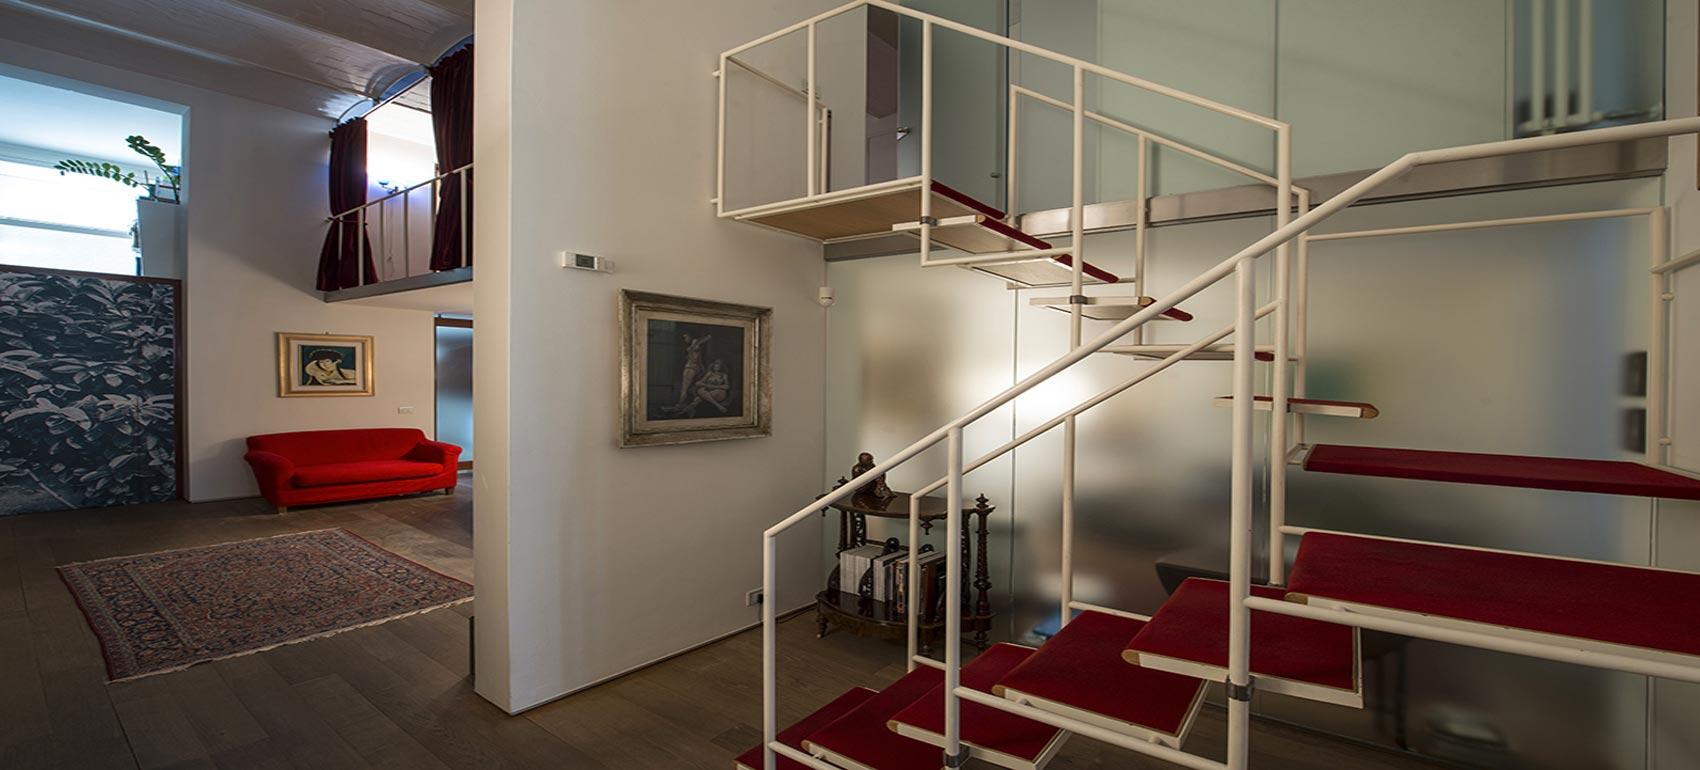 stefanoturi-architetto_lavori_residenzaprivata1_2